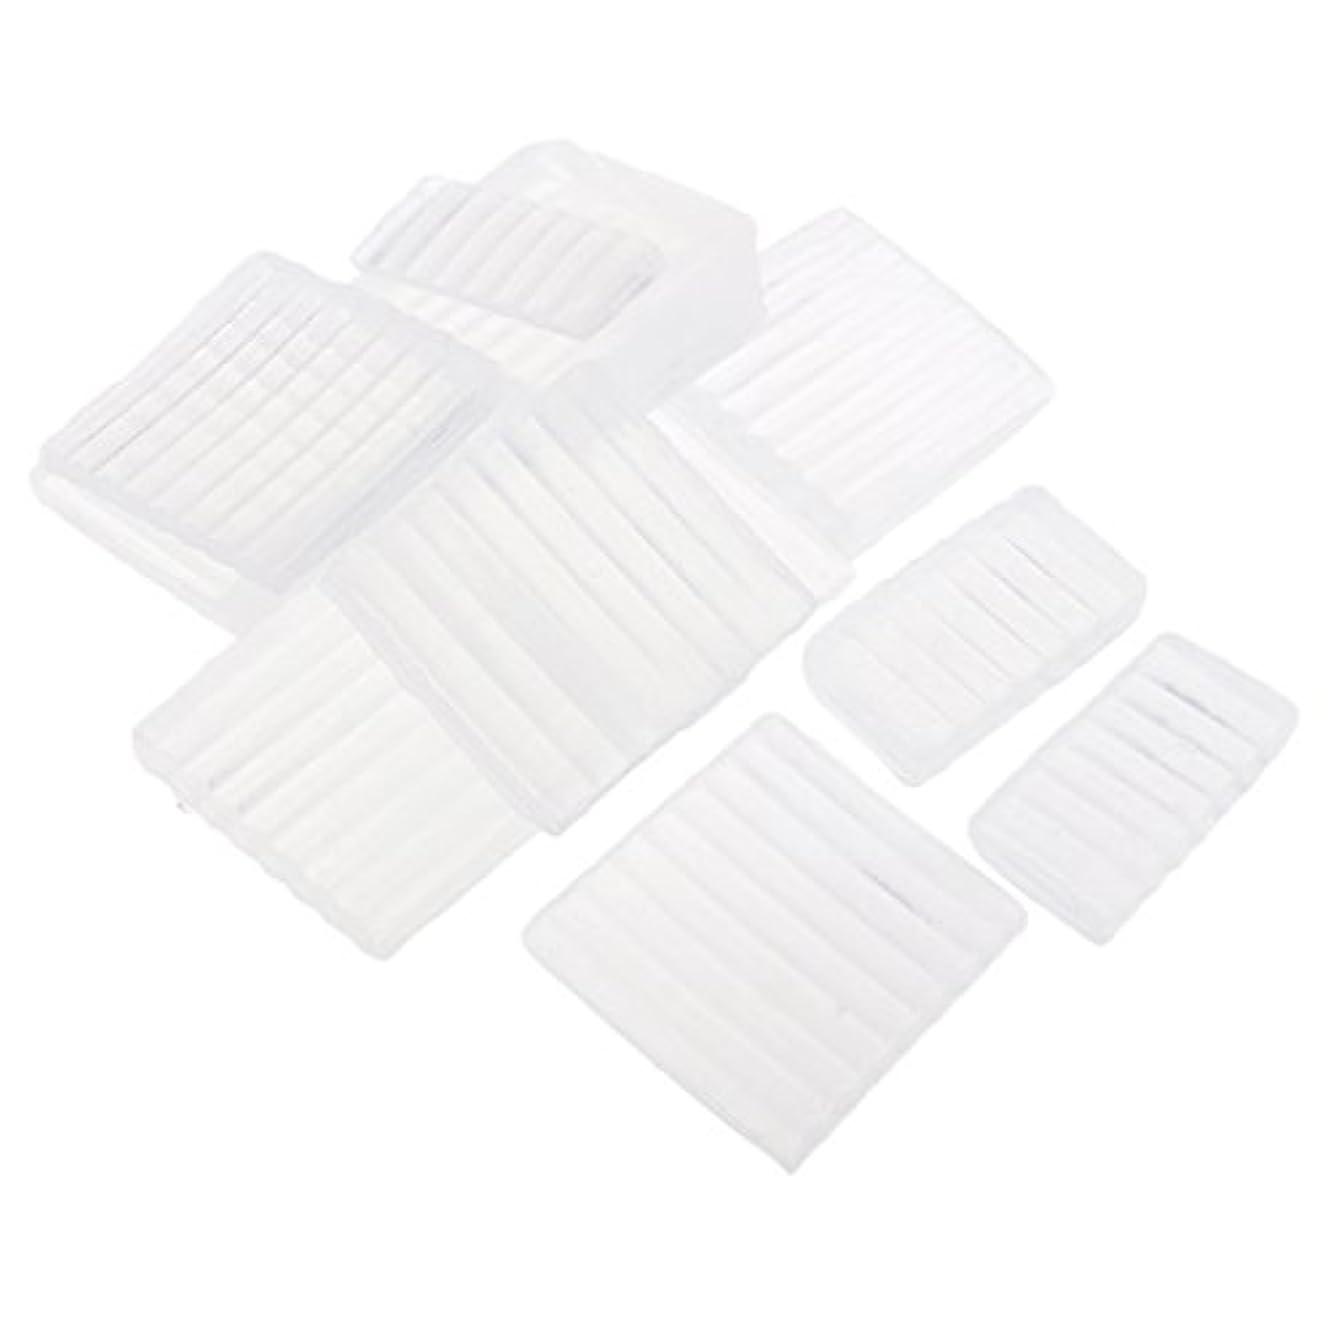 プランテーションリンス放棄するホワイト 透明 石鹸ベース DIY 手作り 石鹸 材料 約500g